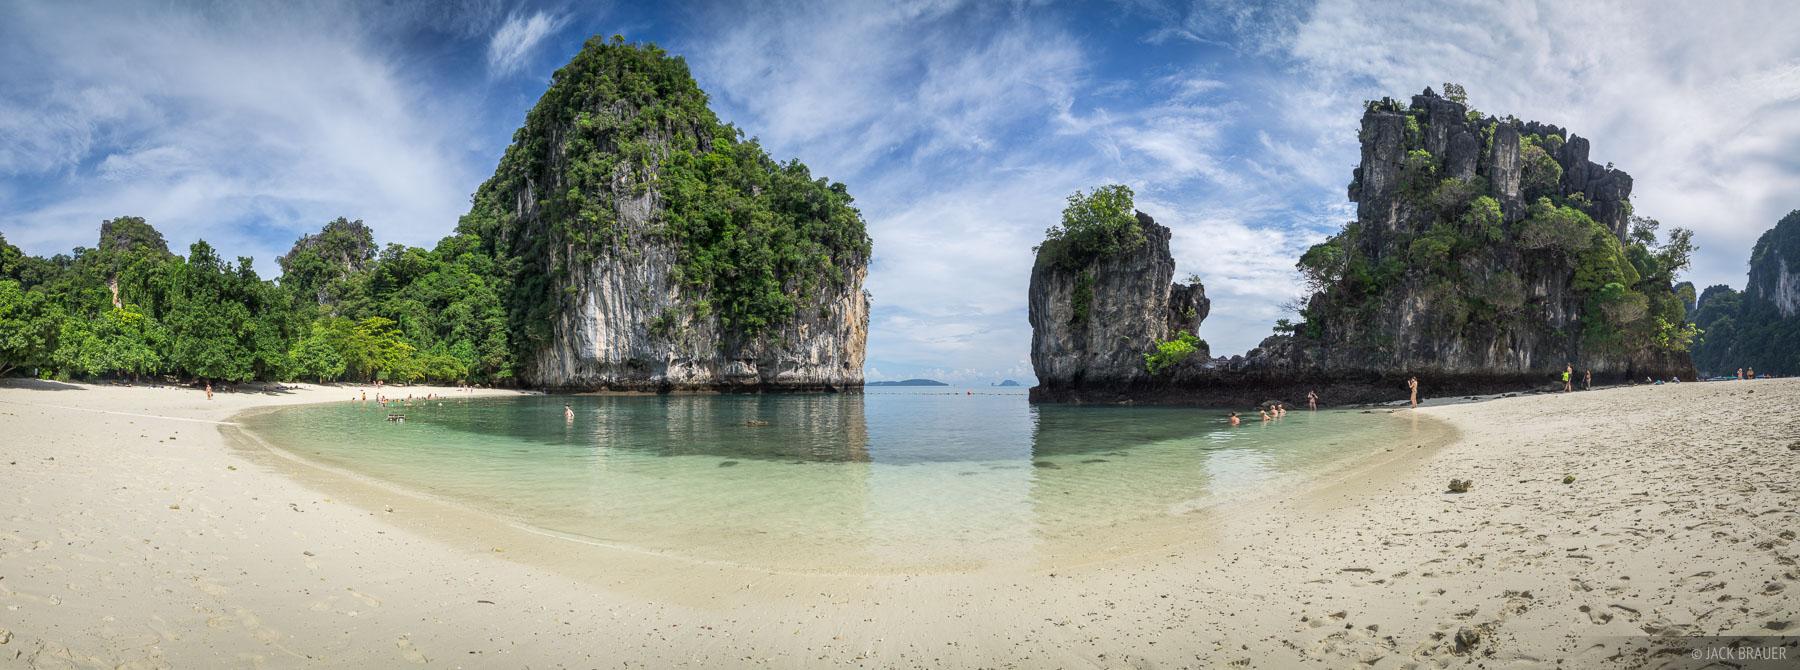 Ko Hong, Thailand, Andaman Sea, beach, panorama, photo